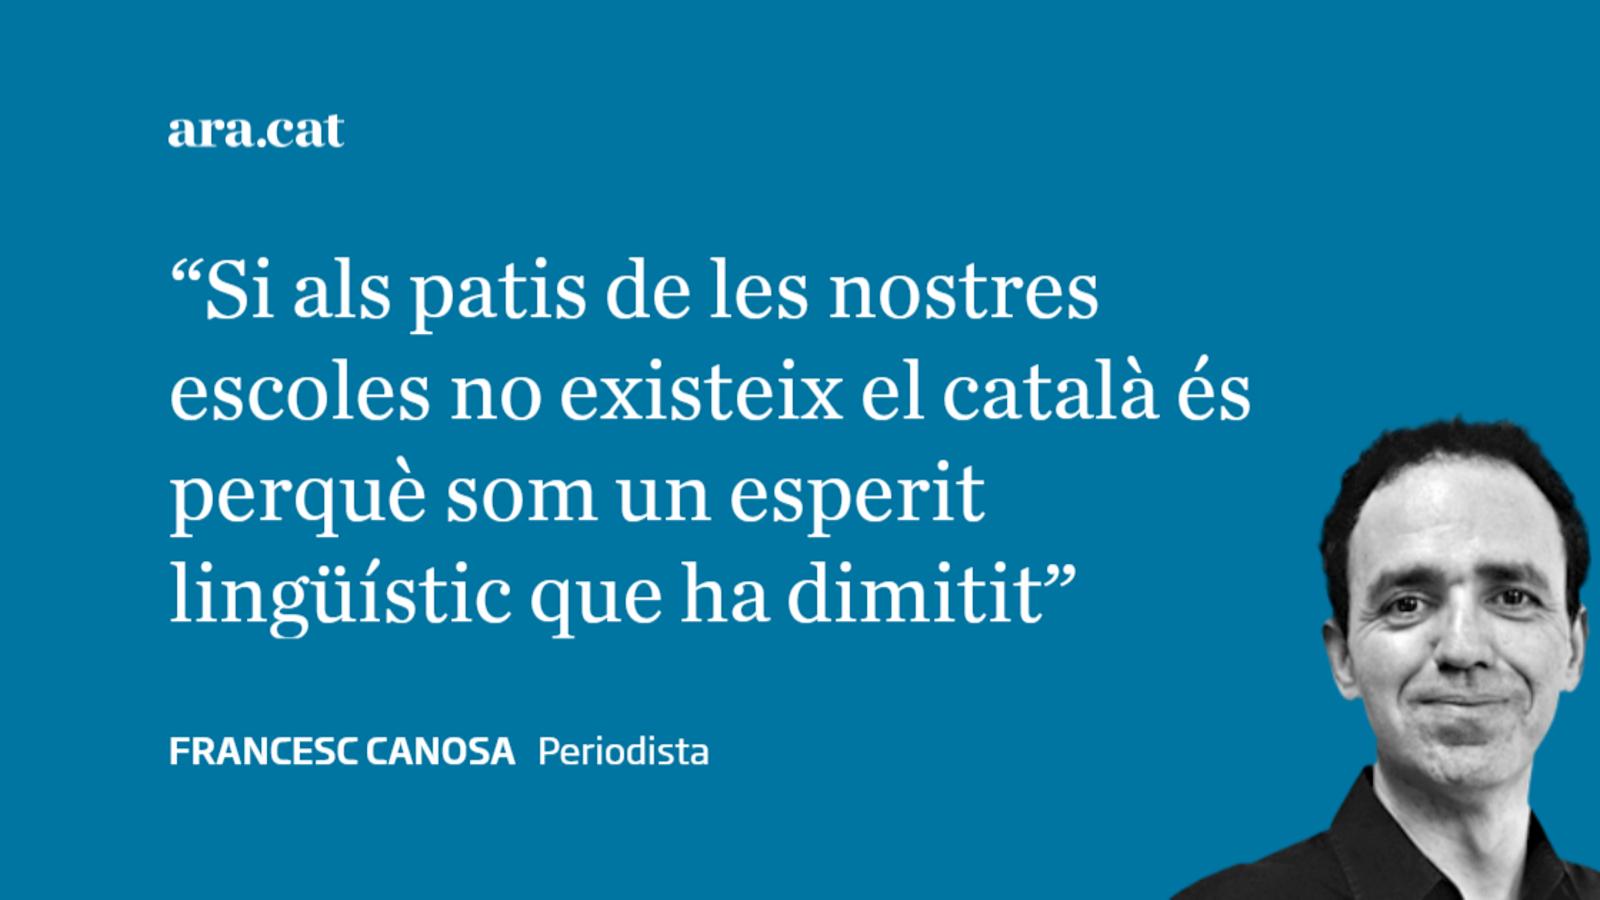 El català fantasmagòric al pati